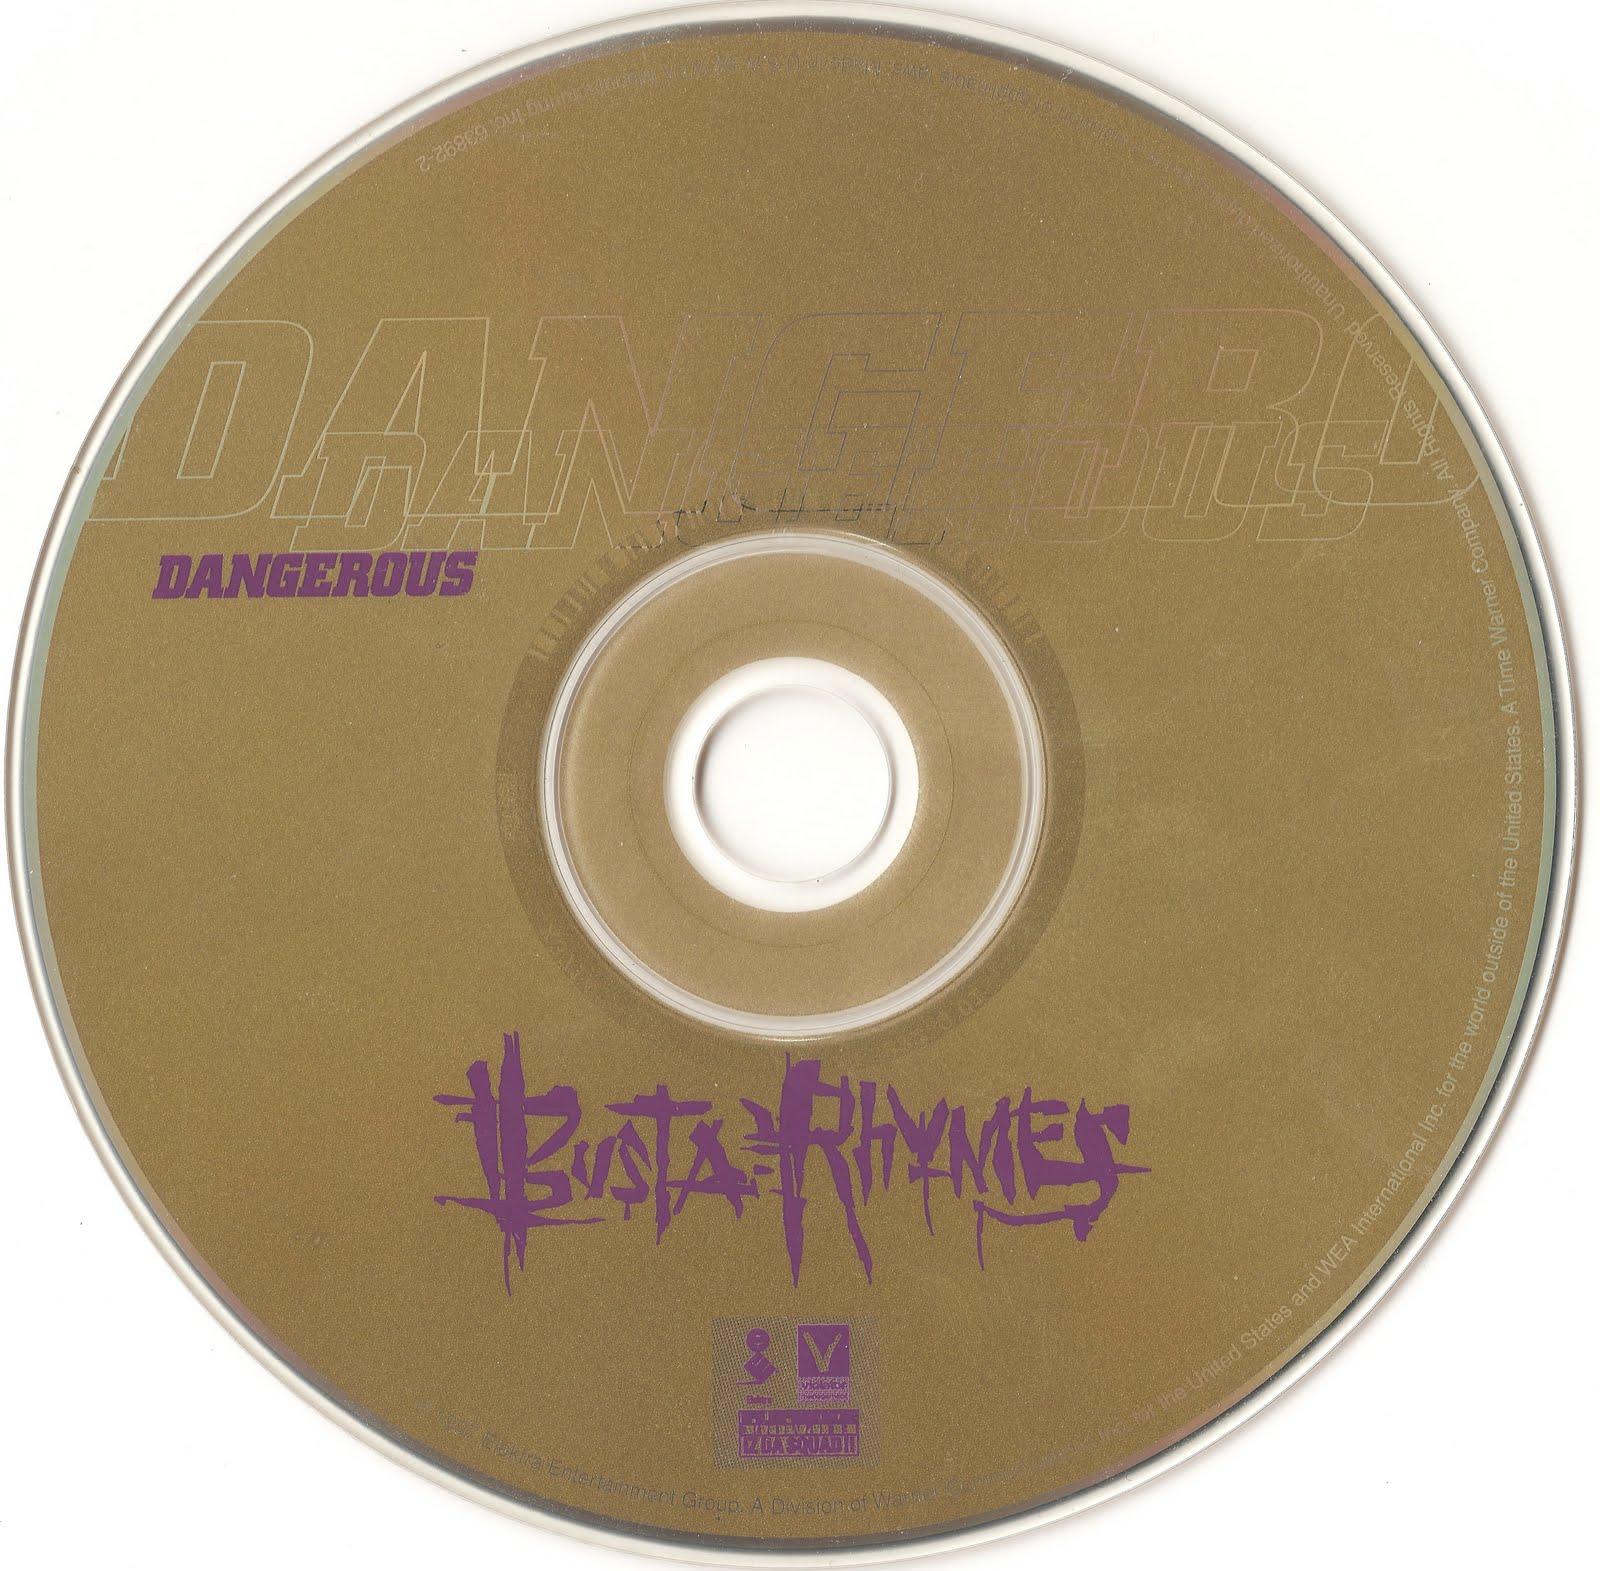 http://4.bp.blogspot.com/-JlcUAq1Bf90/TmuwvlP7tEI/AAAAAAAACVI/StRB4TBJ5l0/s1600/BUSTA+CD+001.jpg